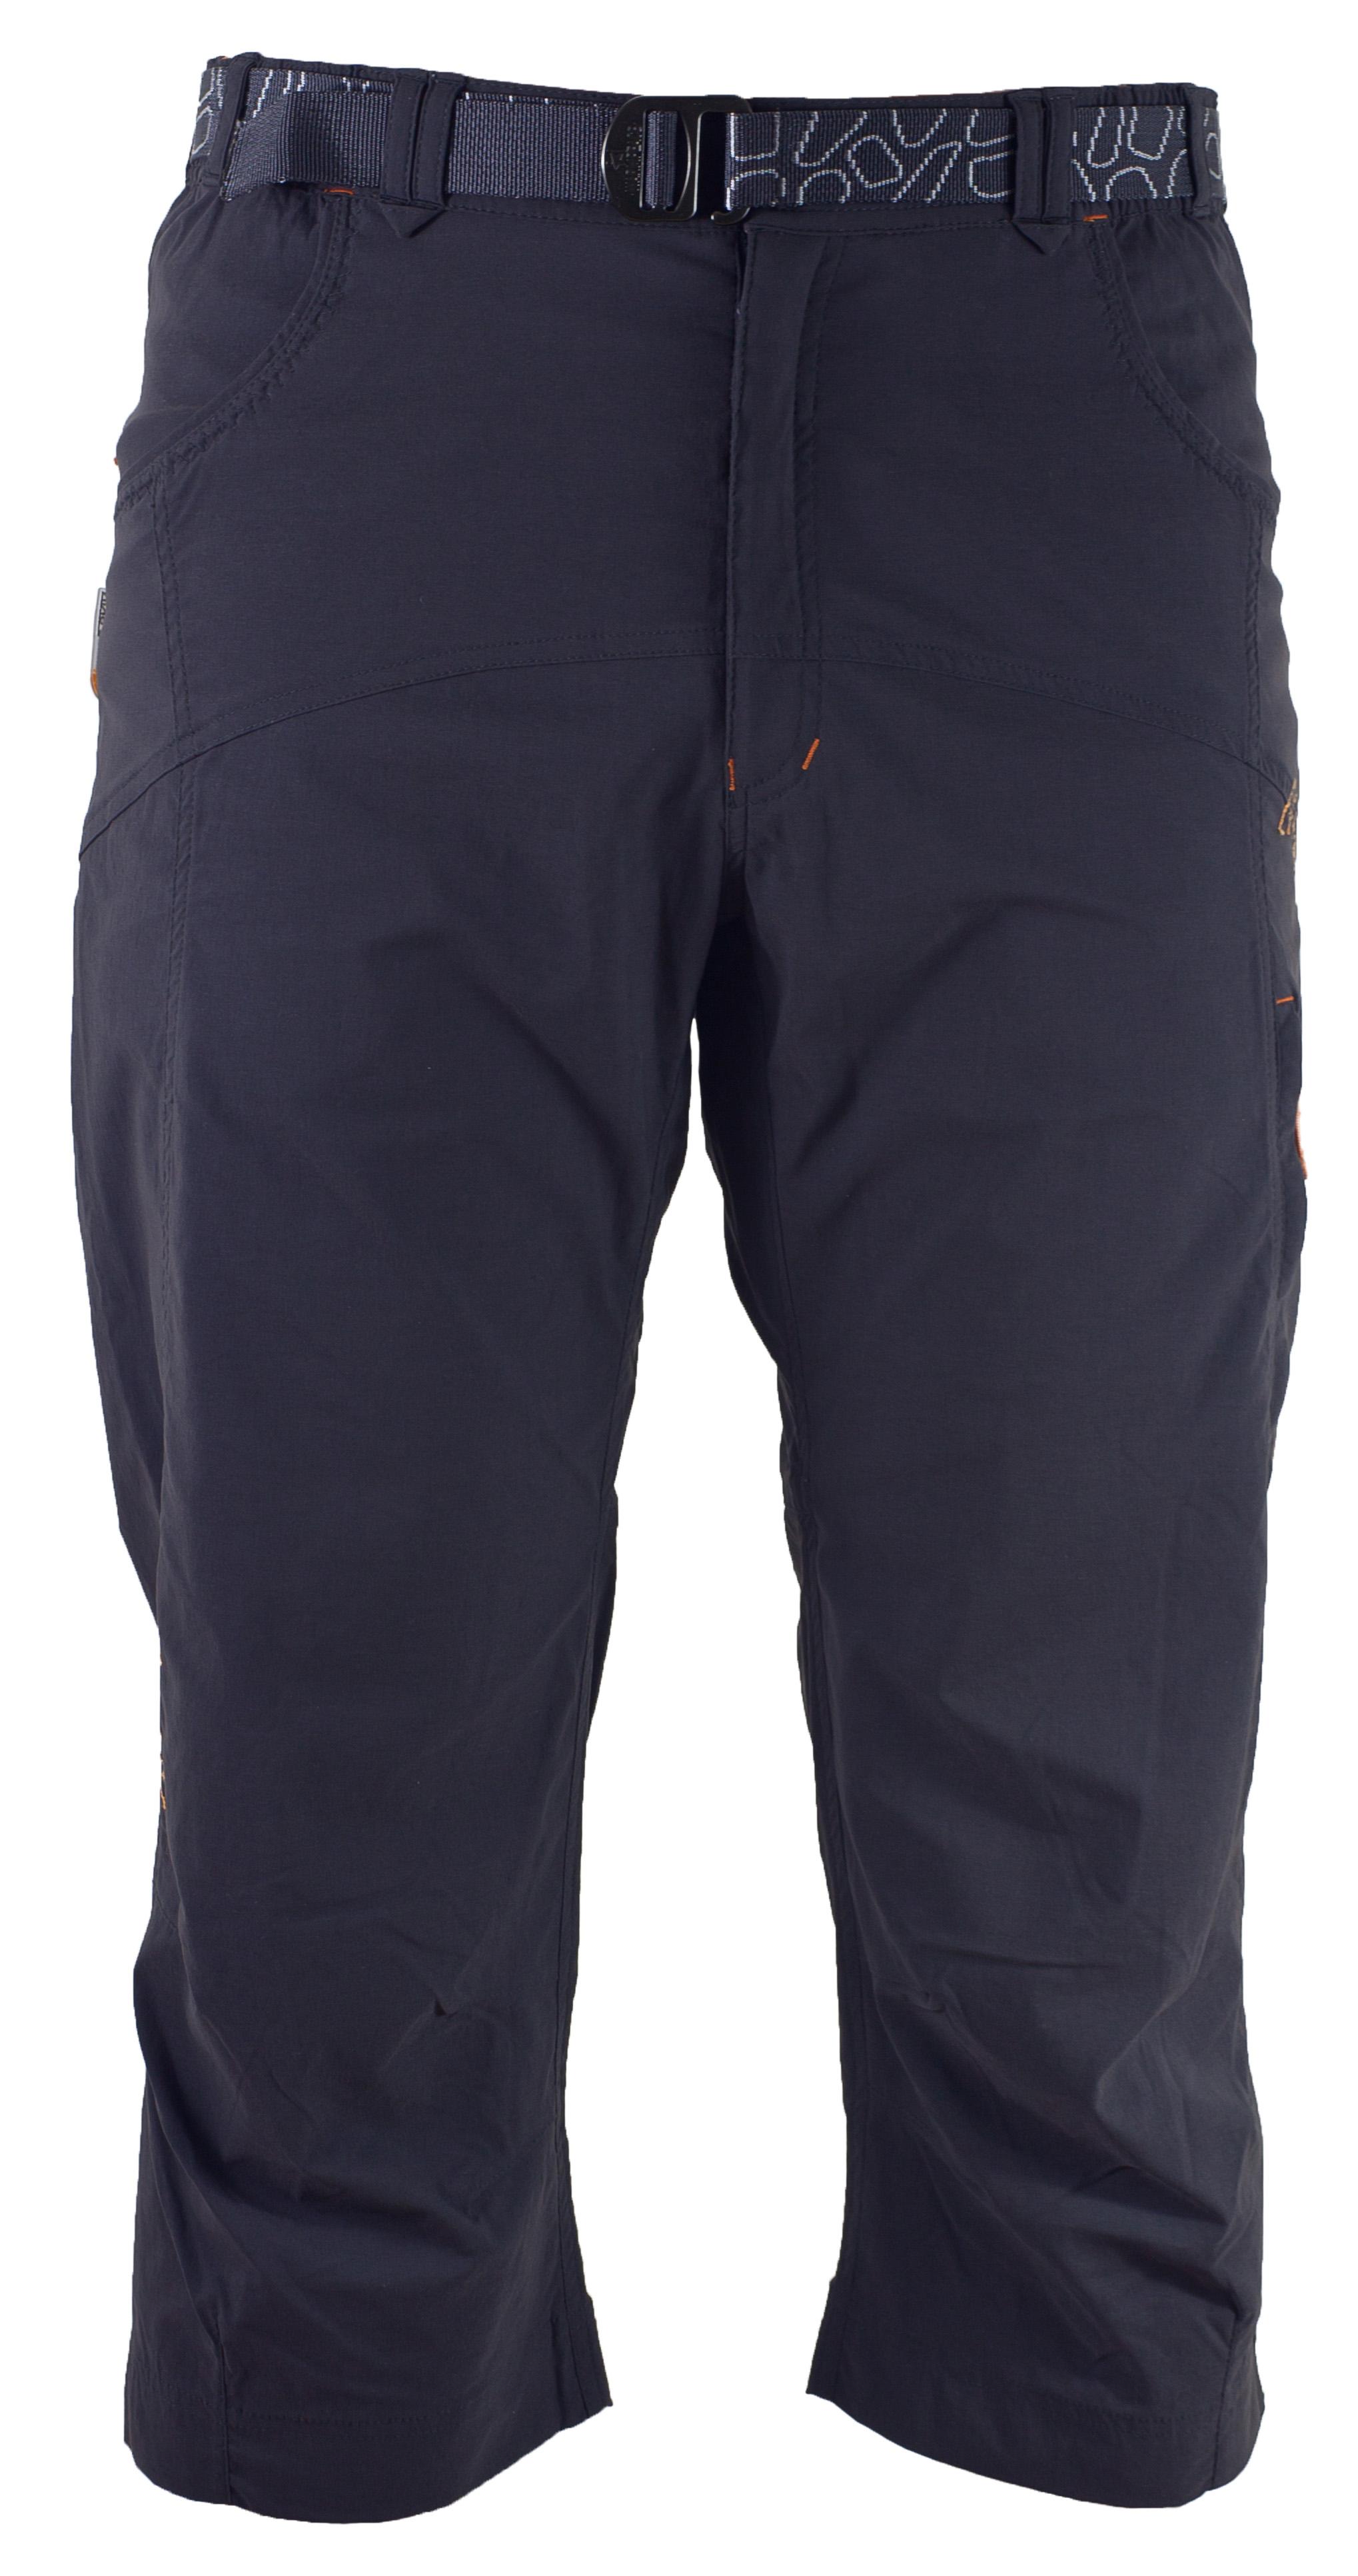 fffc2549f Pánske nohavice Warmpeace Plywood 3/4 Pants